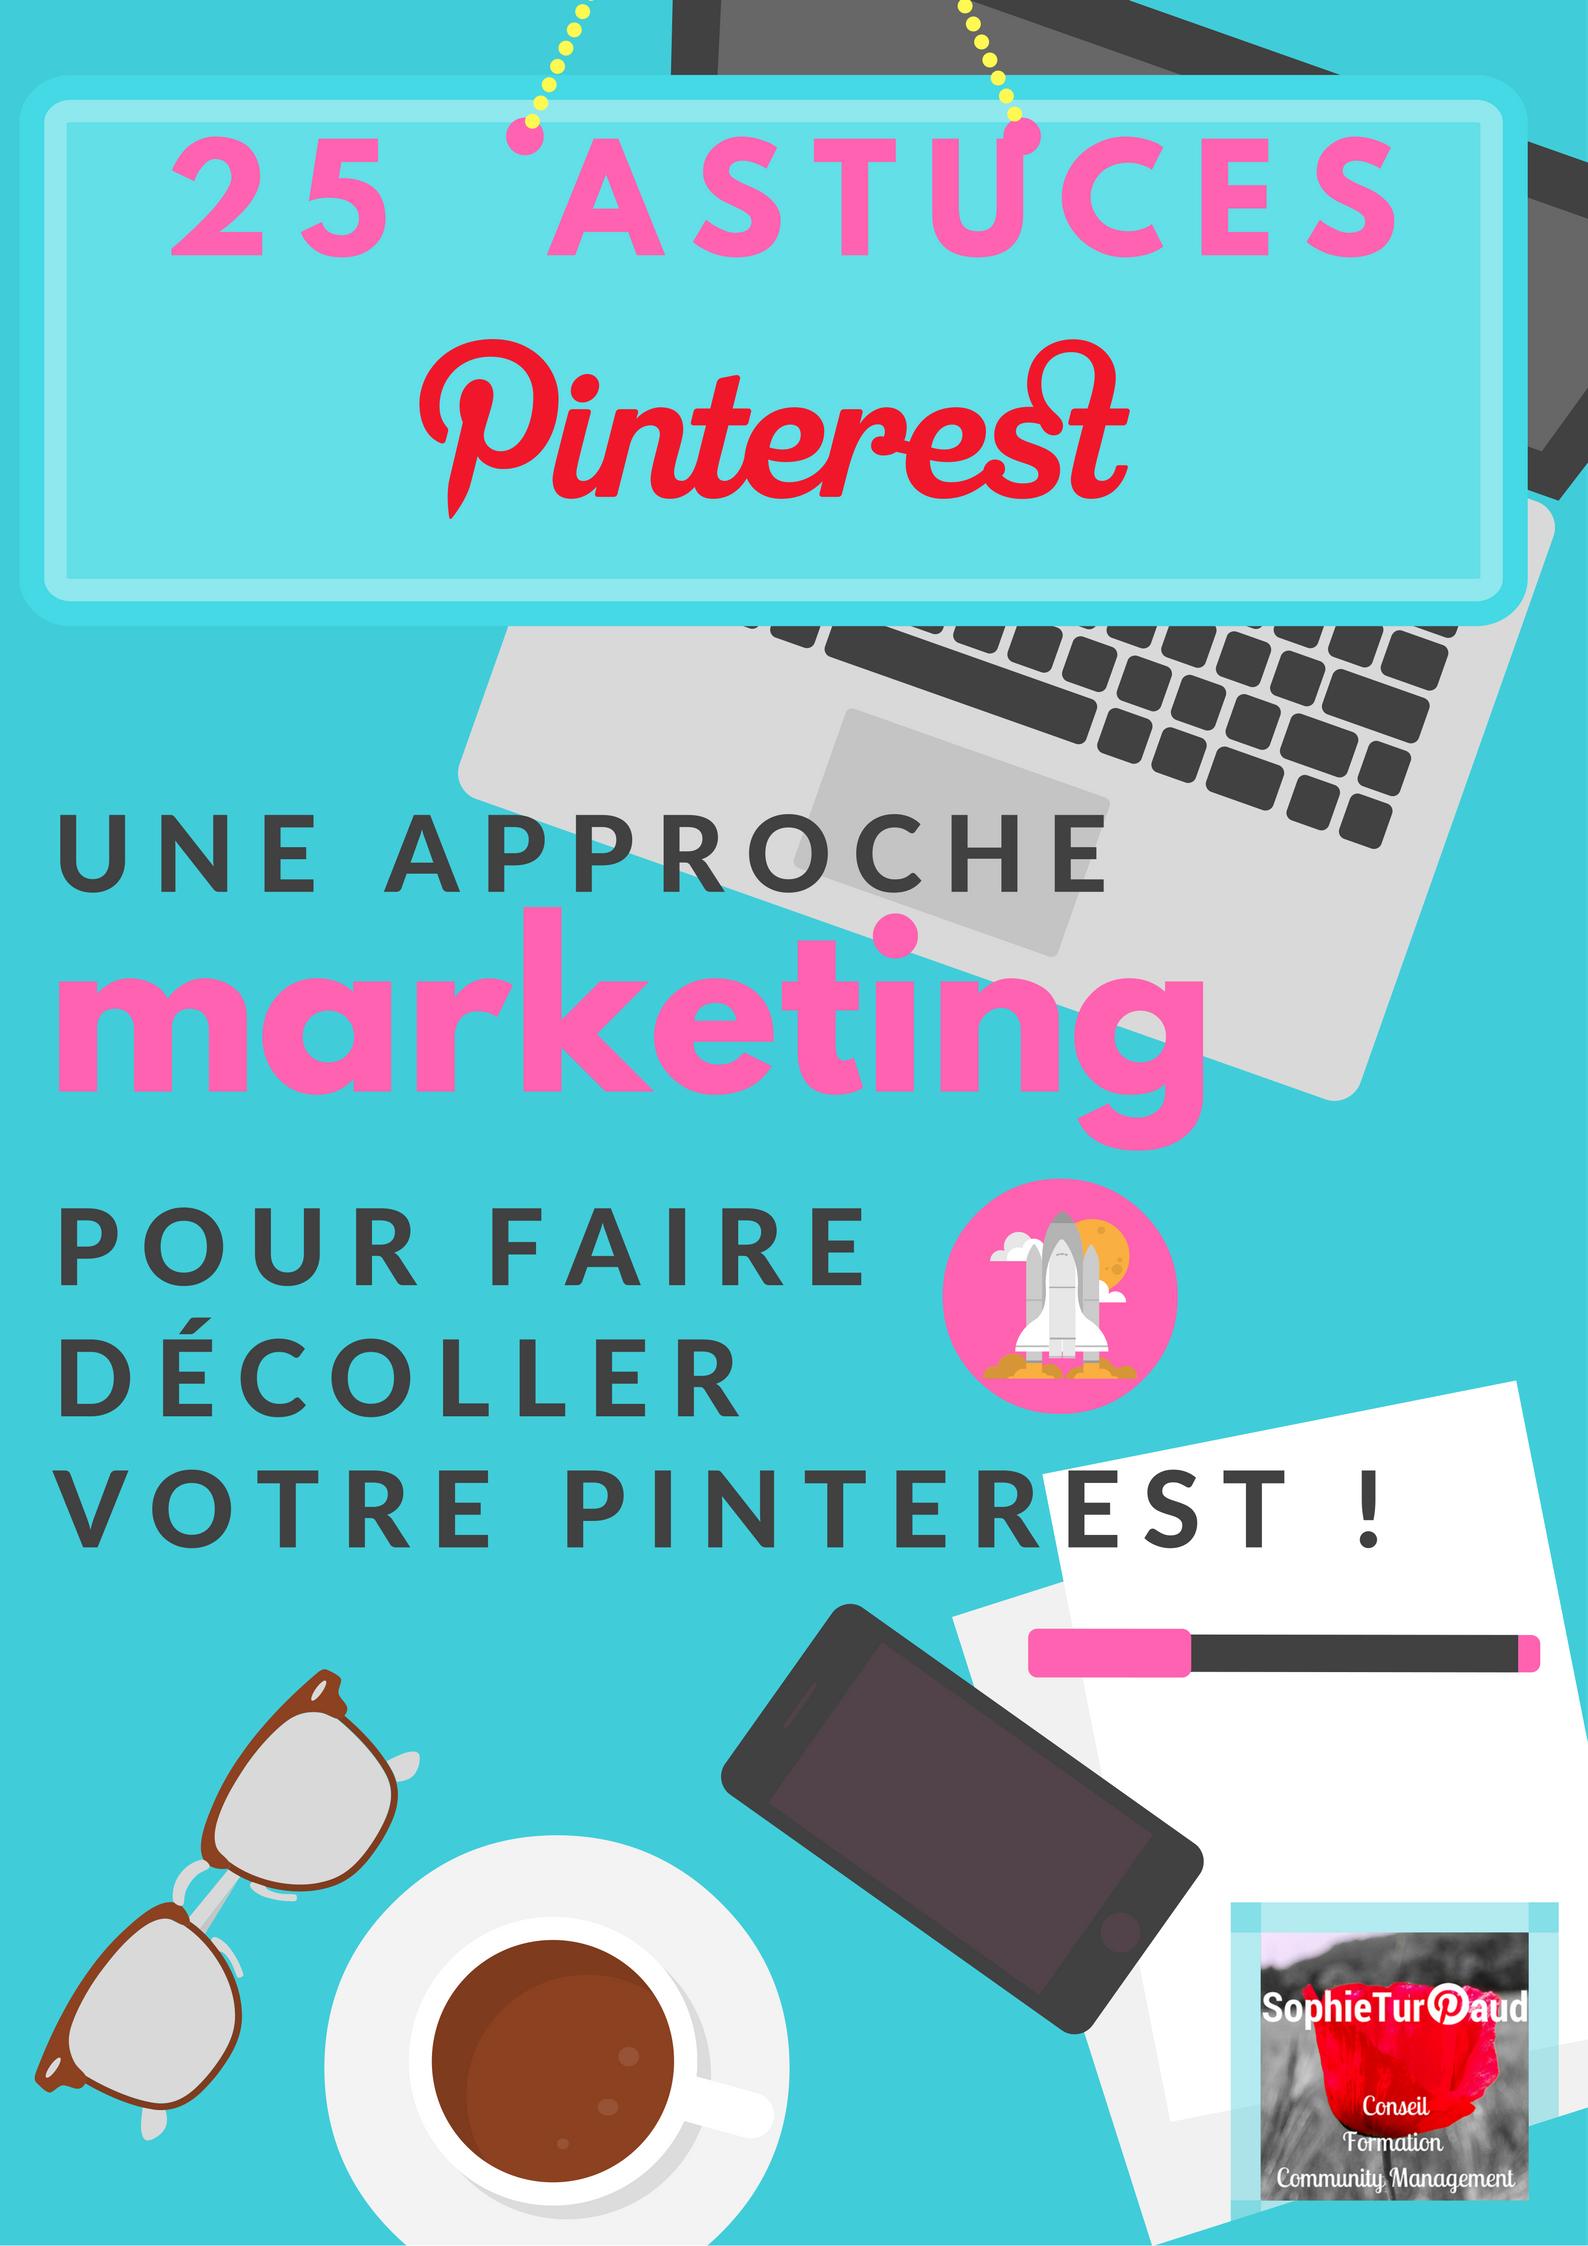 Une approche marketing avec 25 astuces Pinterest pour faire décoller votre compte via @sophieturpaud